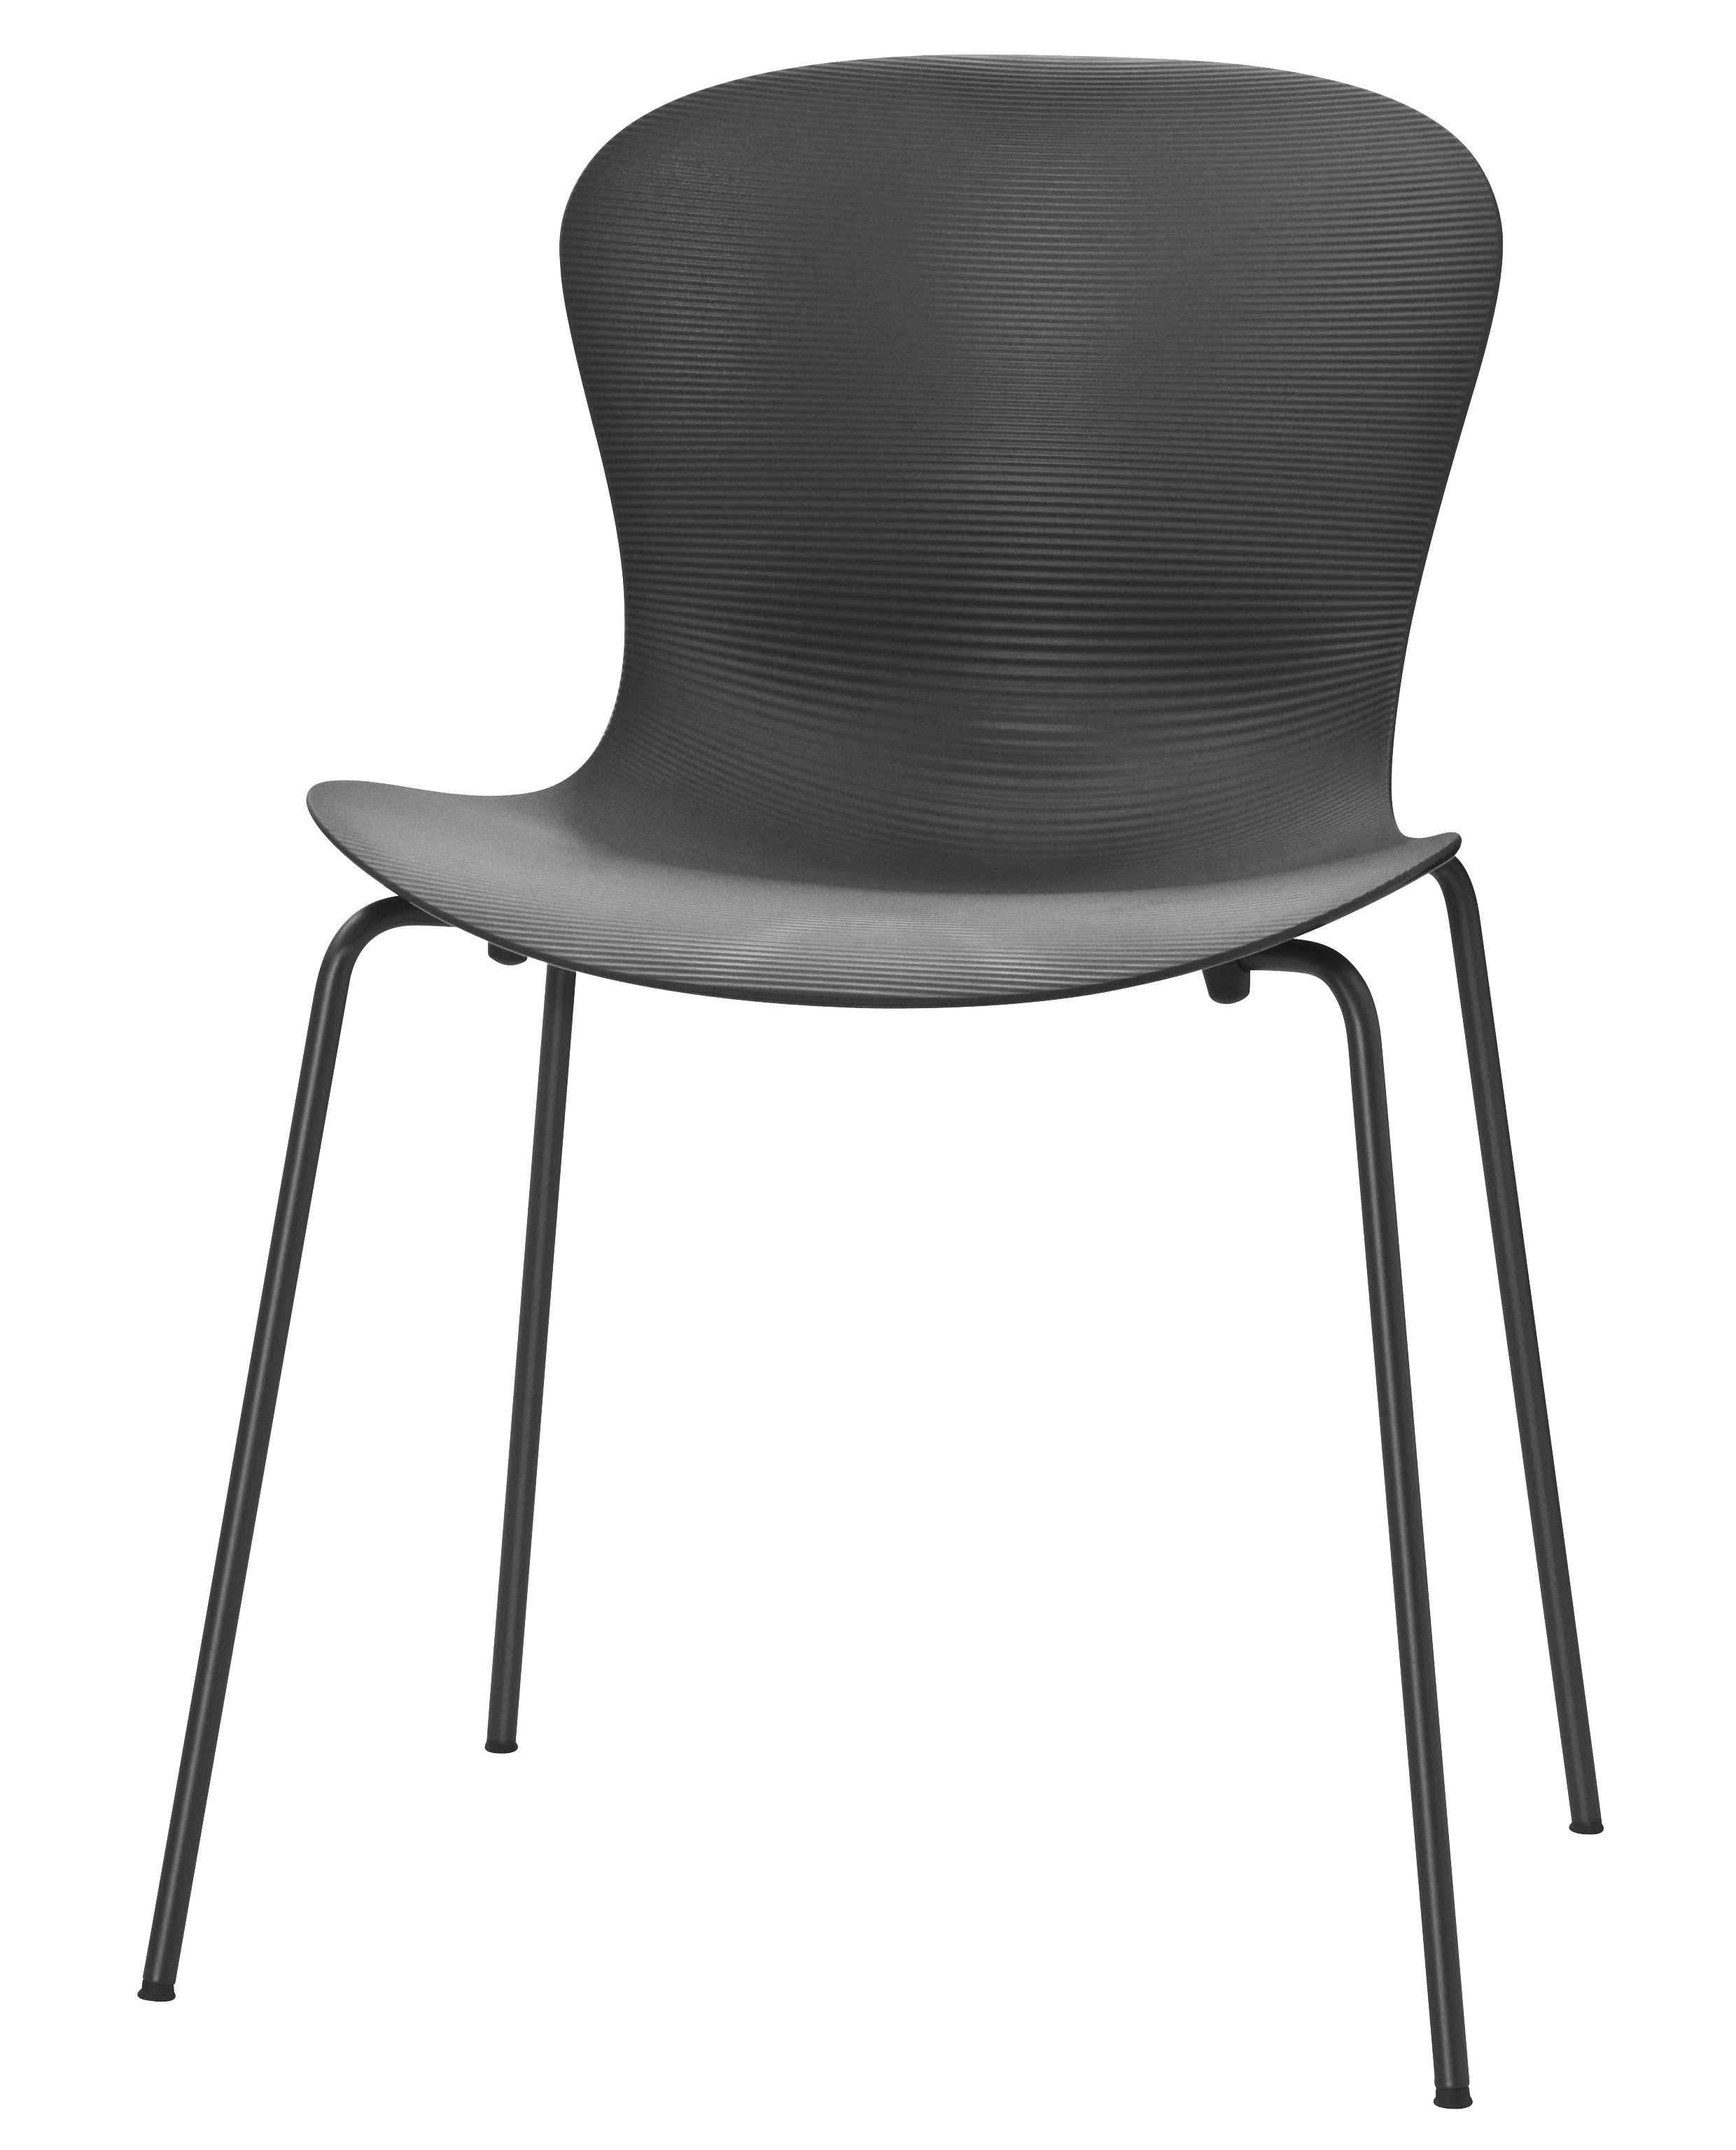 Mobilier - Chaises, fauteuils de salle à manger - Chaise empilable Nap / 4 pieds acier - Fritz Hansen - Gris - Acier laqué, Polyamide